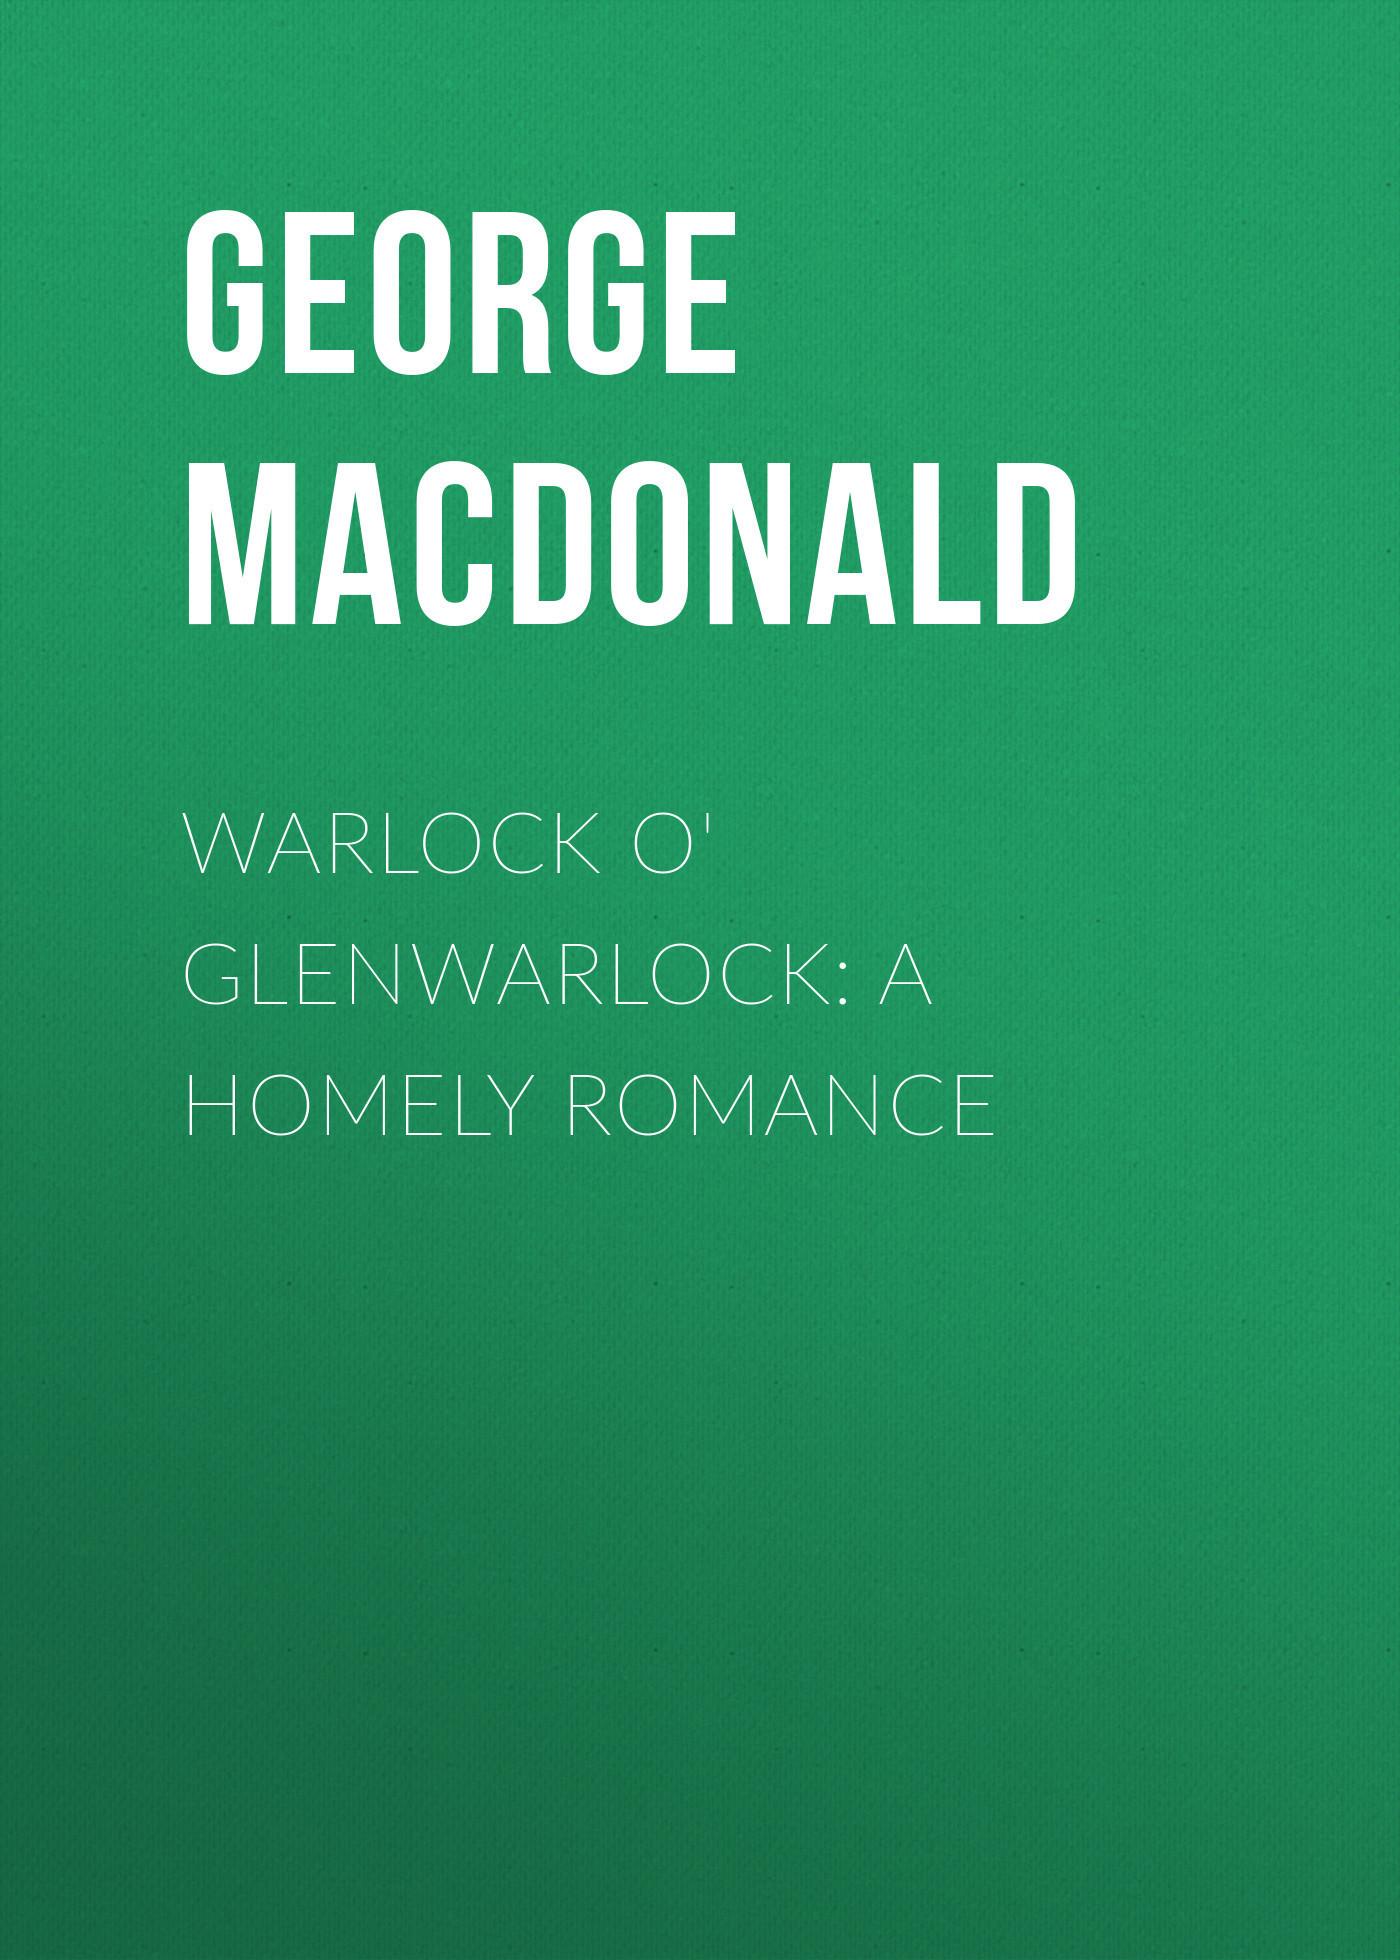 George MacDonald Warlock o' Glenwarlock: A Homely Romance